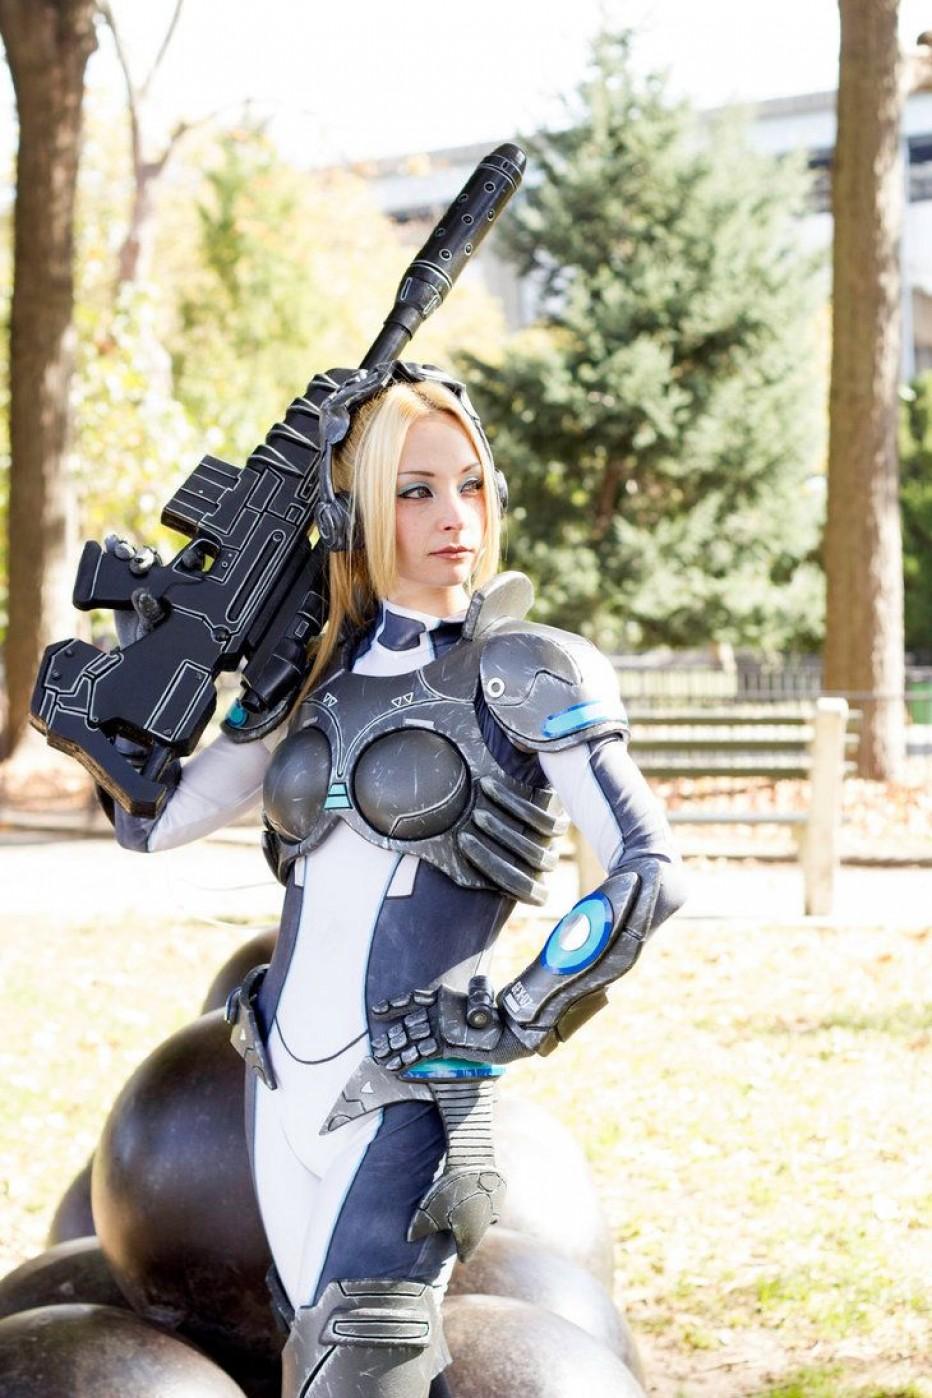 StarCraft-Nova-Terra-Cosplay-Gamers-Heroes-5.jpg